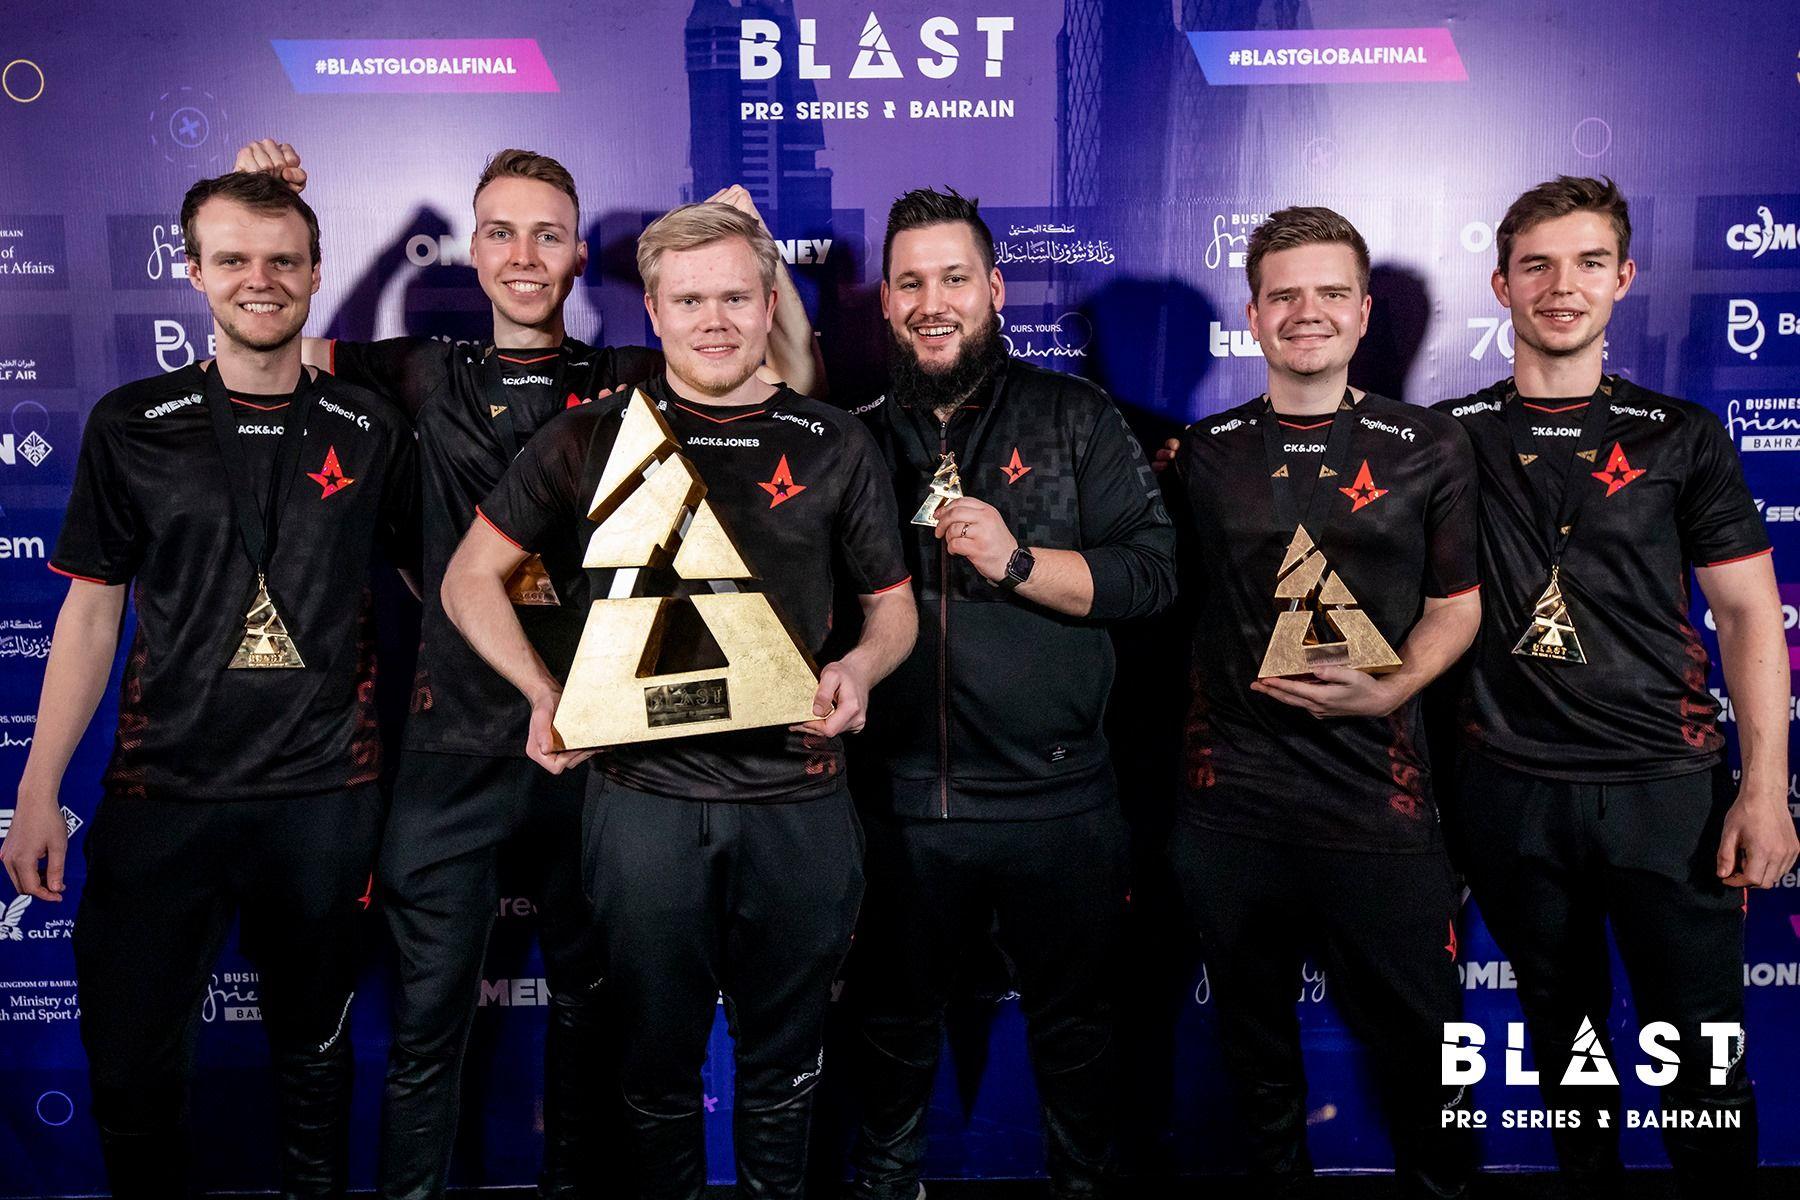 Astralis najlepszym zespołem w cyklu BLAST Pro Series 1